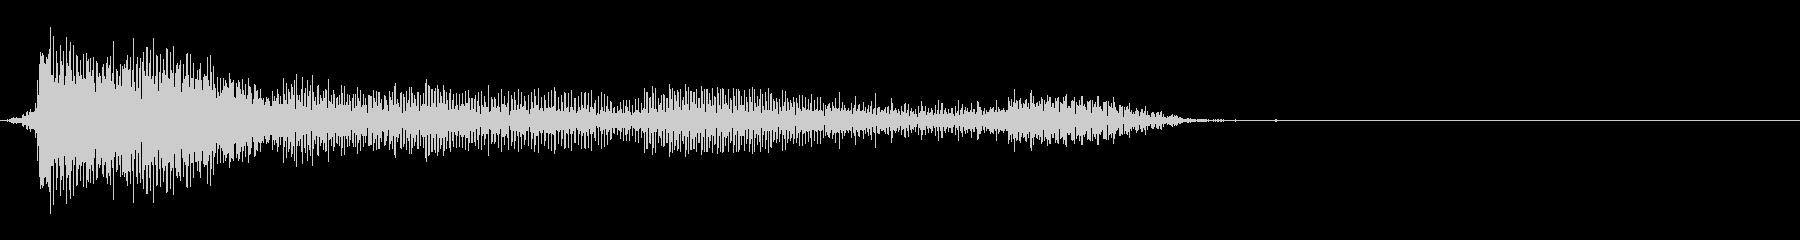 エレキギター:スライドアクセント、...の未再生の波形